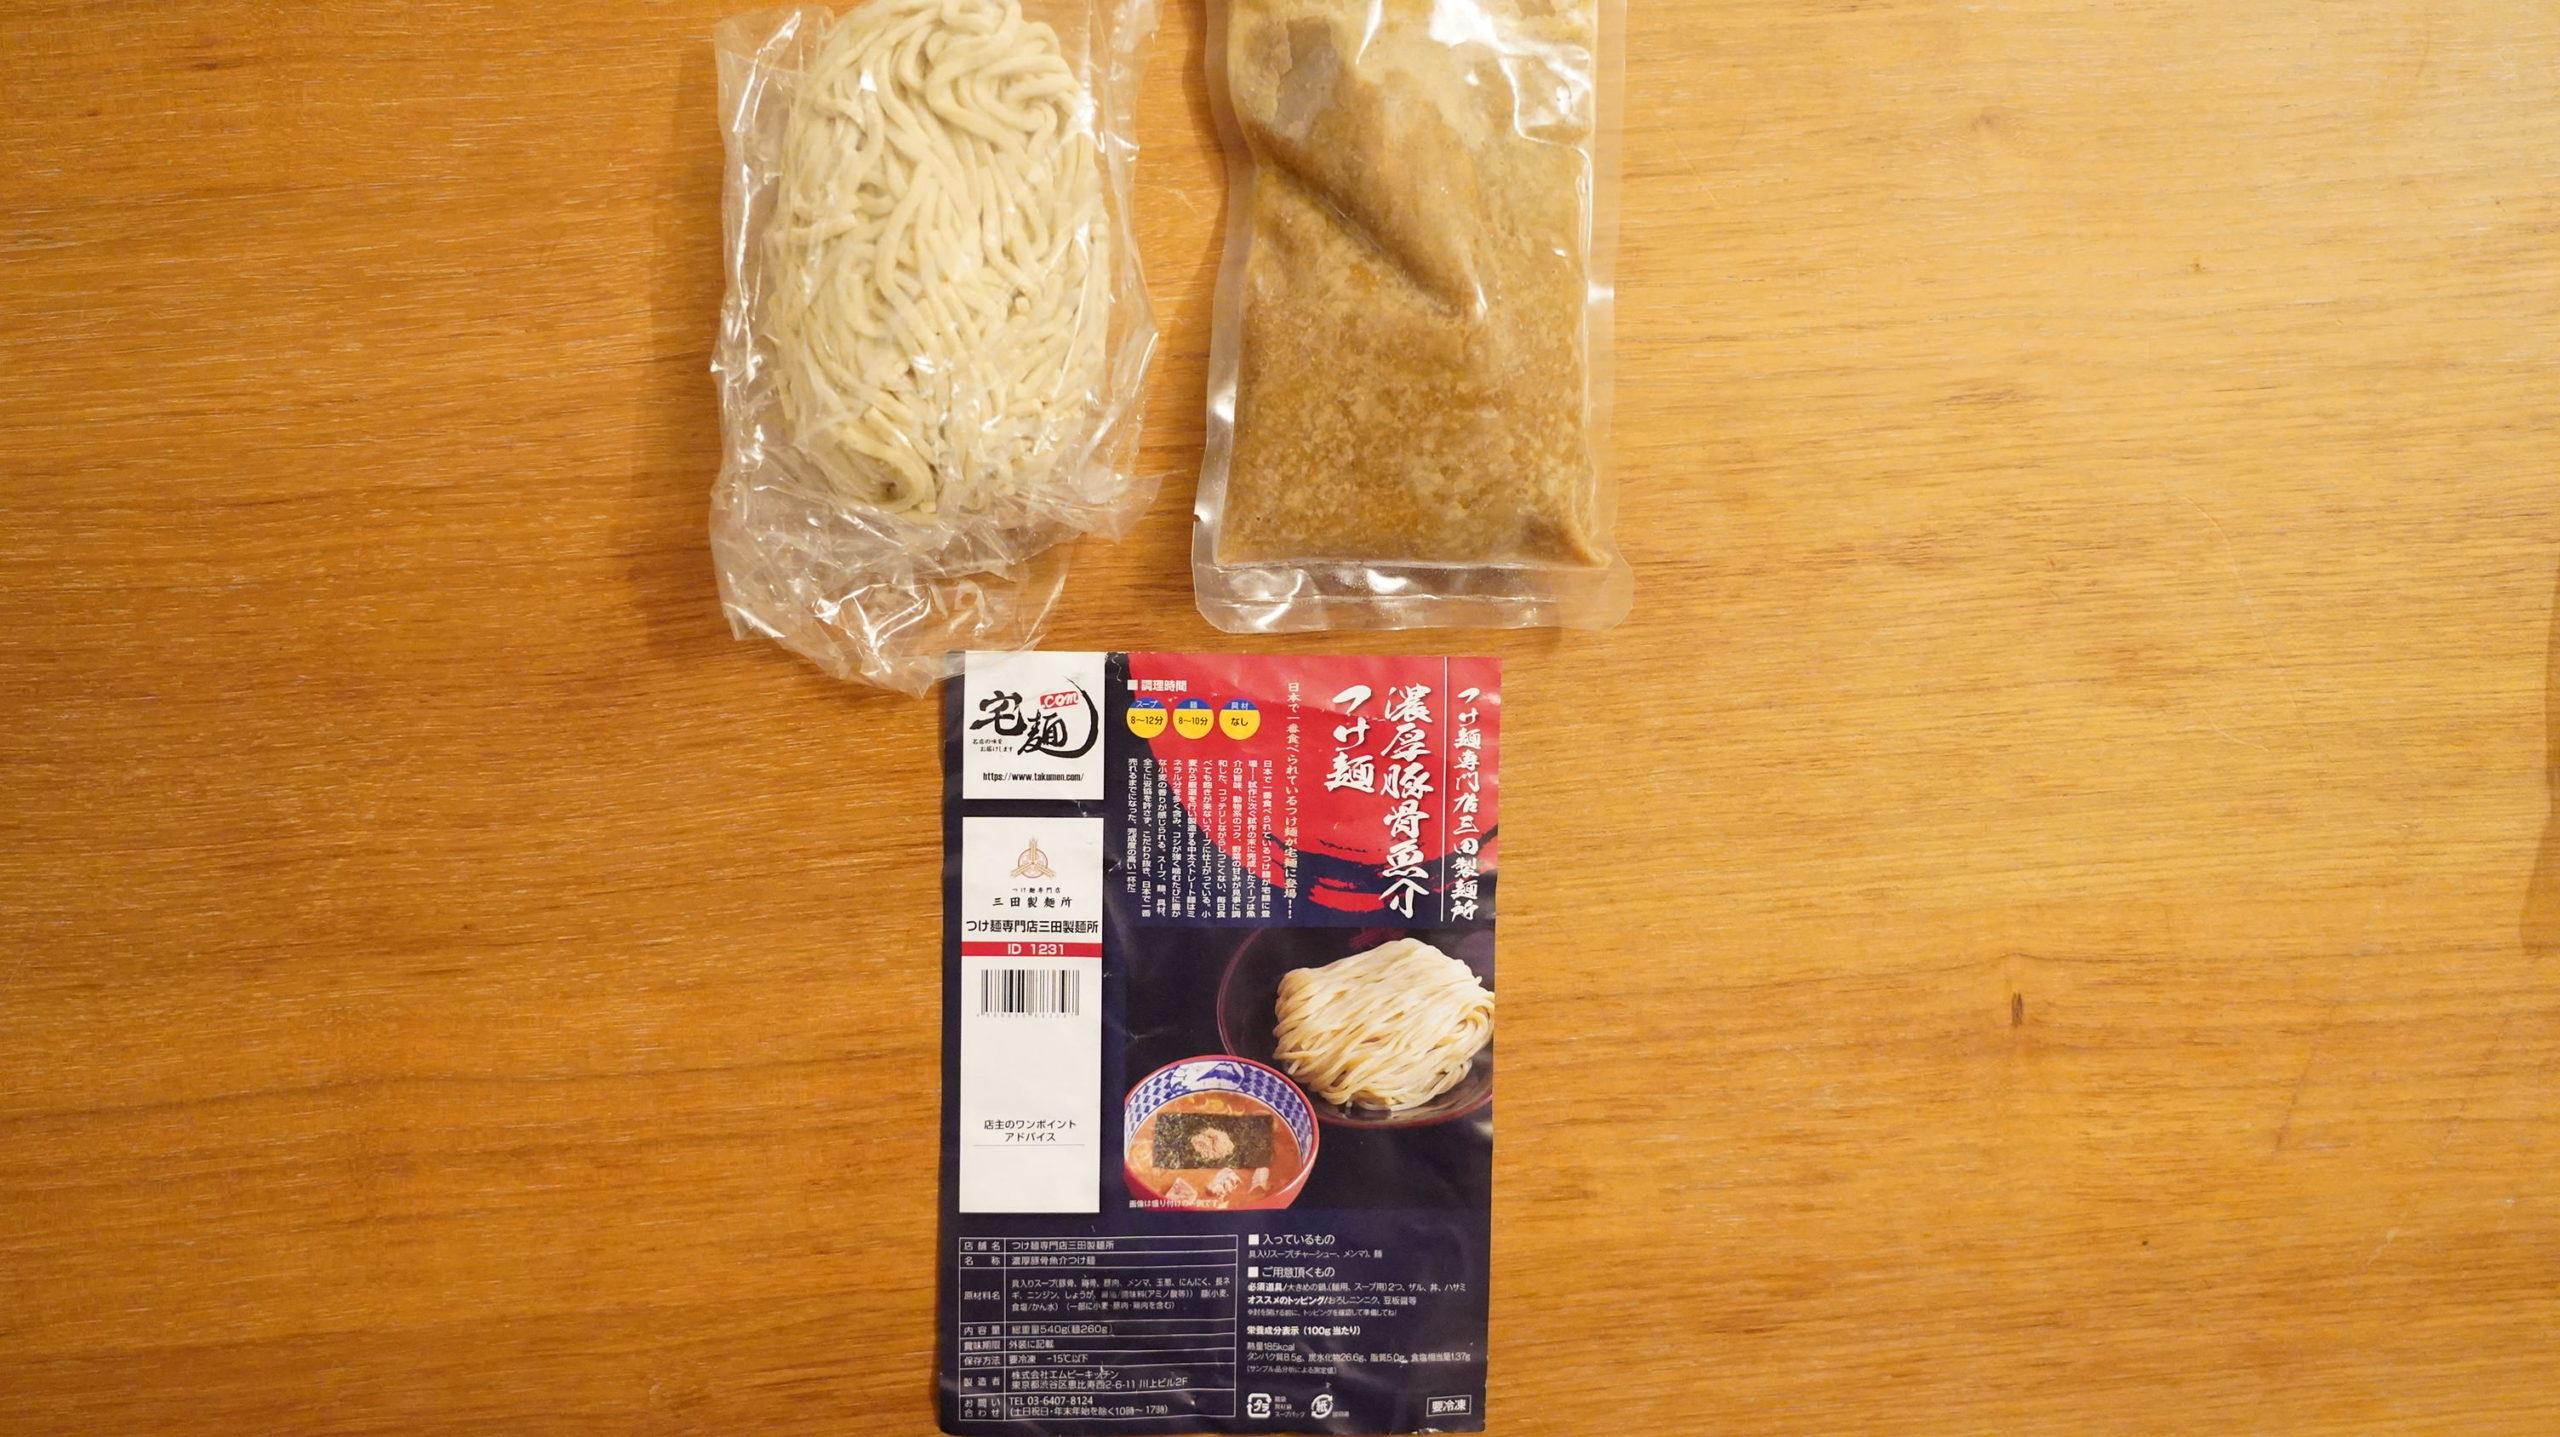 オンライン通販で注文した三田製麺所の「冷凍つけ麺」の内容一式の写真